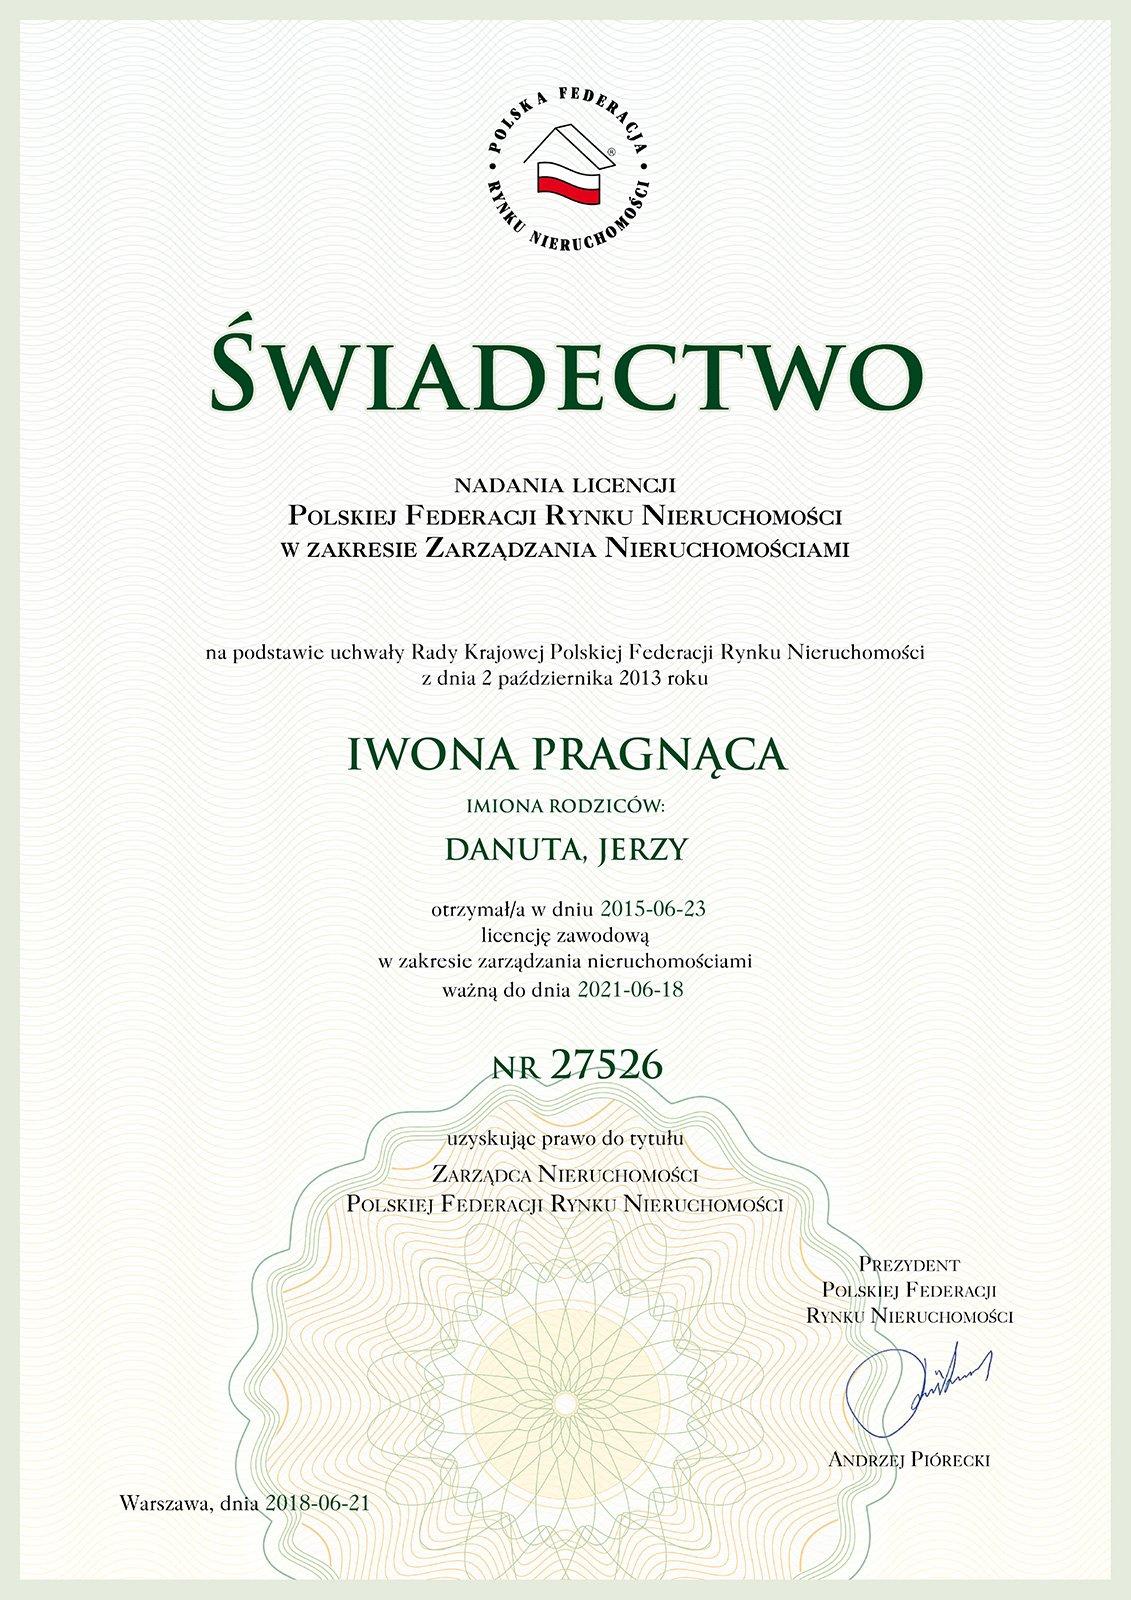 min-licencja-zarzadcy-iwona-pragnaca-27526